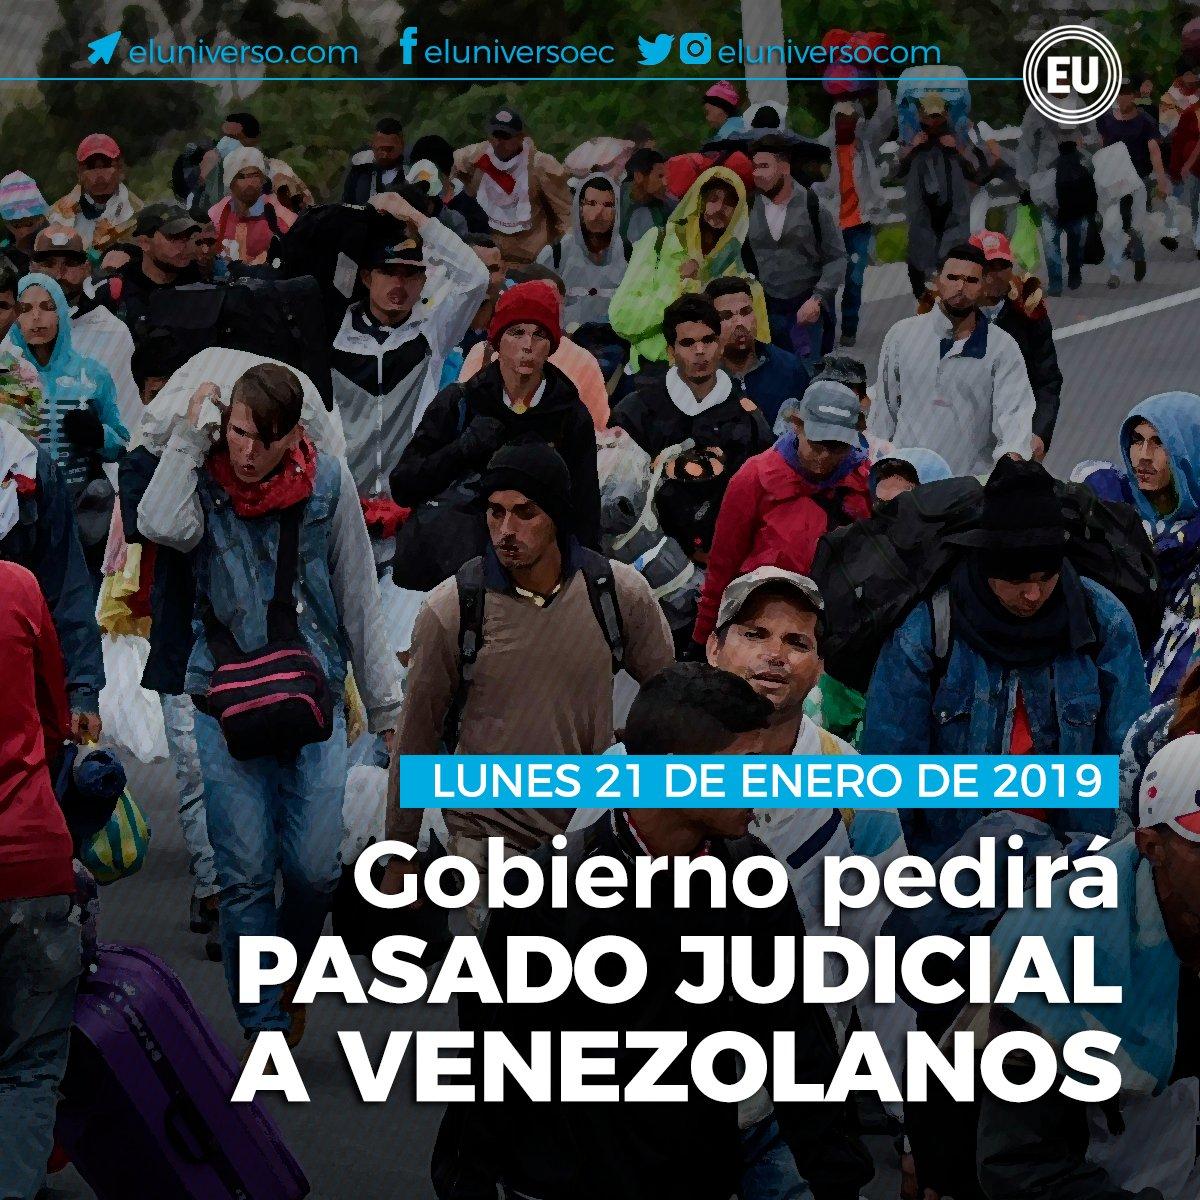 (Actualización) Vicepresidente Sonnenholzner anuncia que desde hoy se pedirá pasado judicial apostillado a ciudadanos venezolanos que ingresen al Ecuador.  ► https://t.co/a6sUmMjQtj